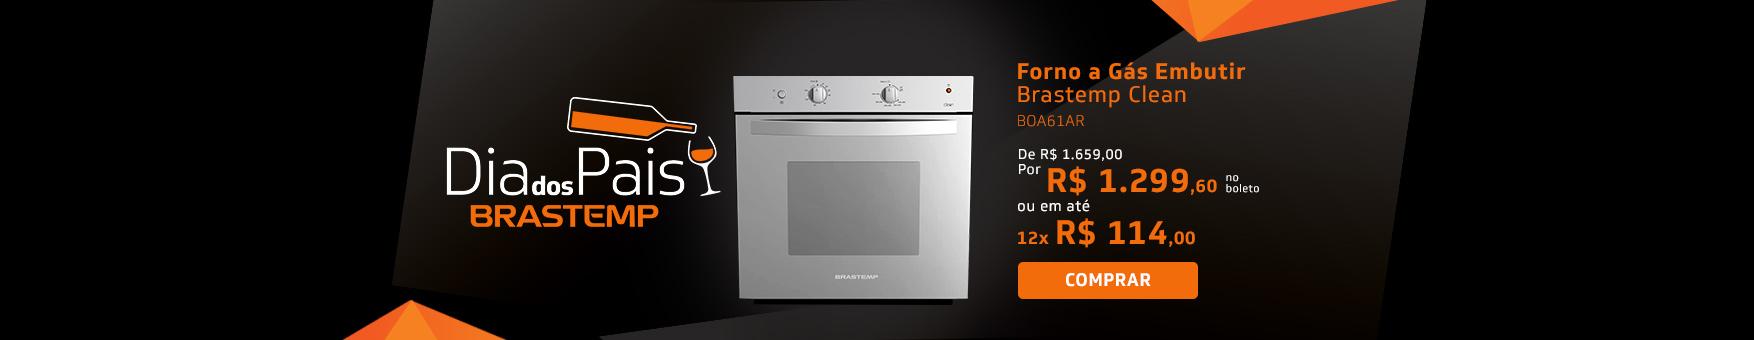 Promoção Interna - 150 - pais_boa61ar_home_3082015 - boa61ar - 2